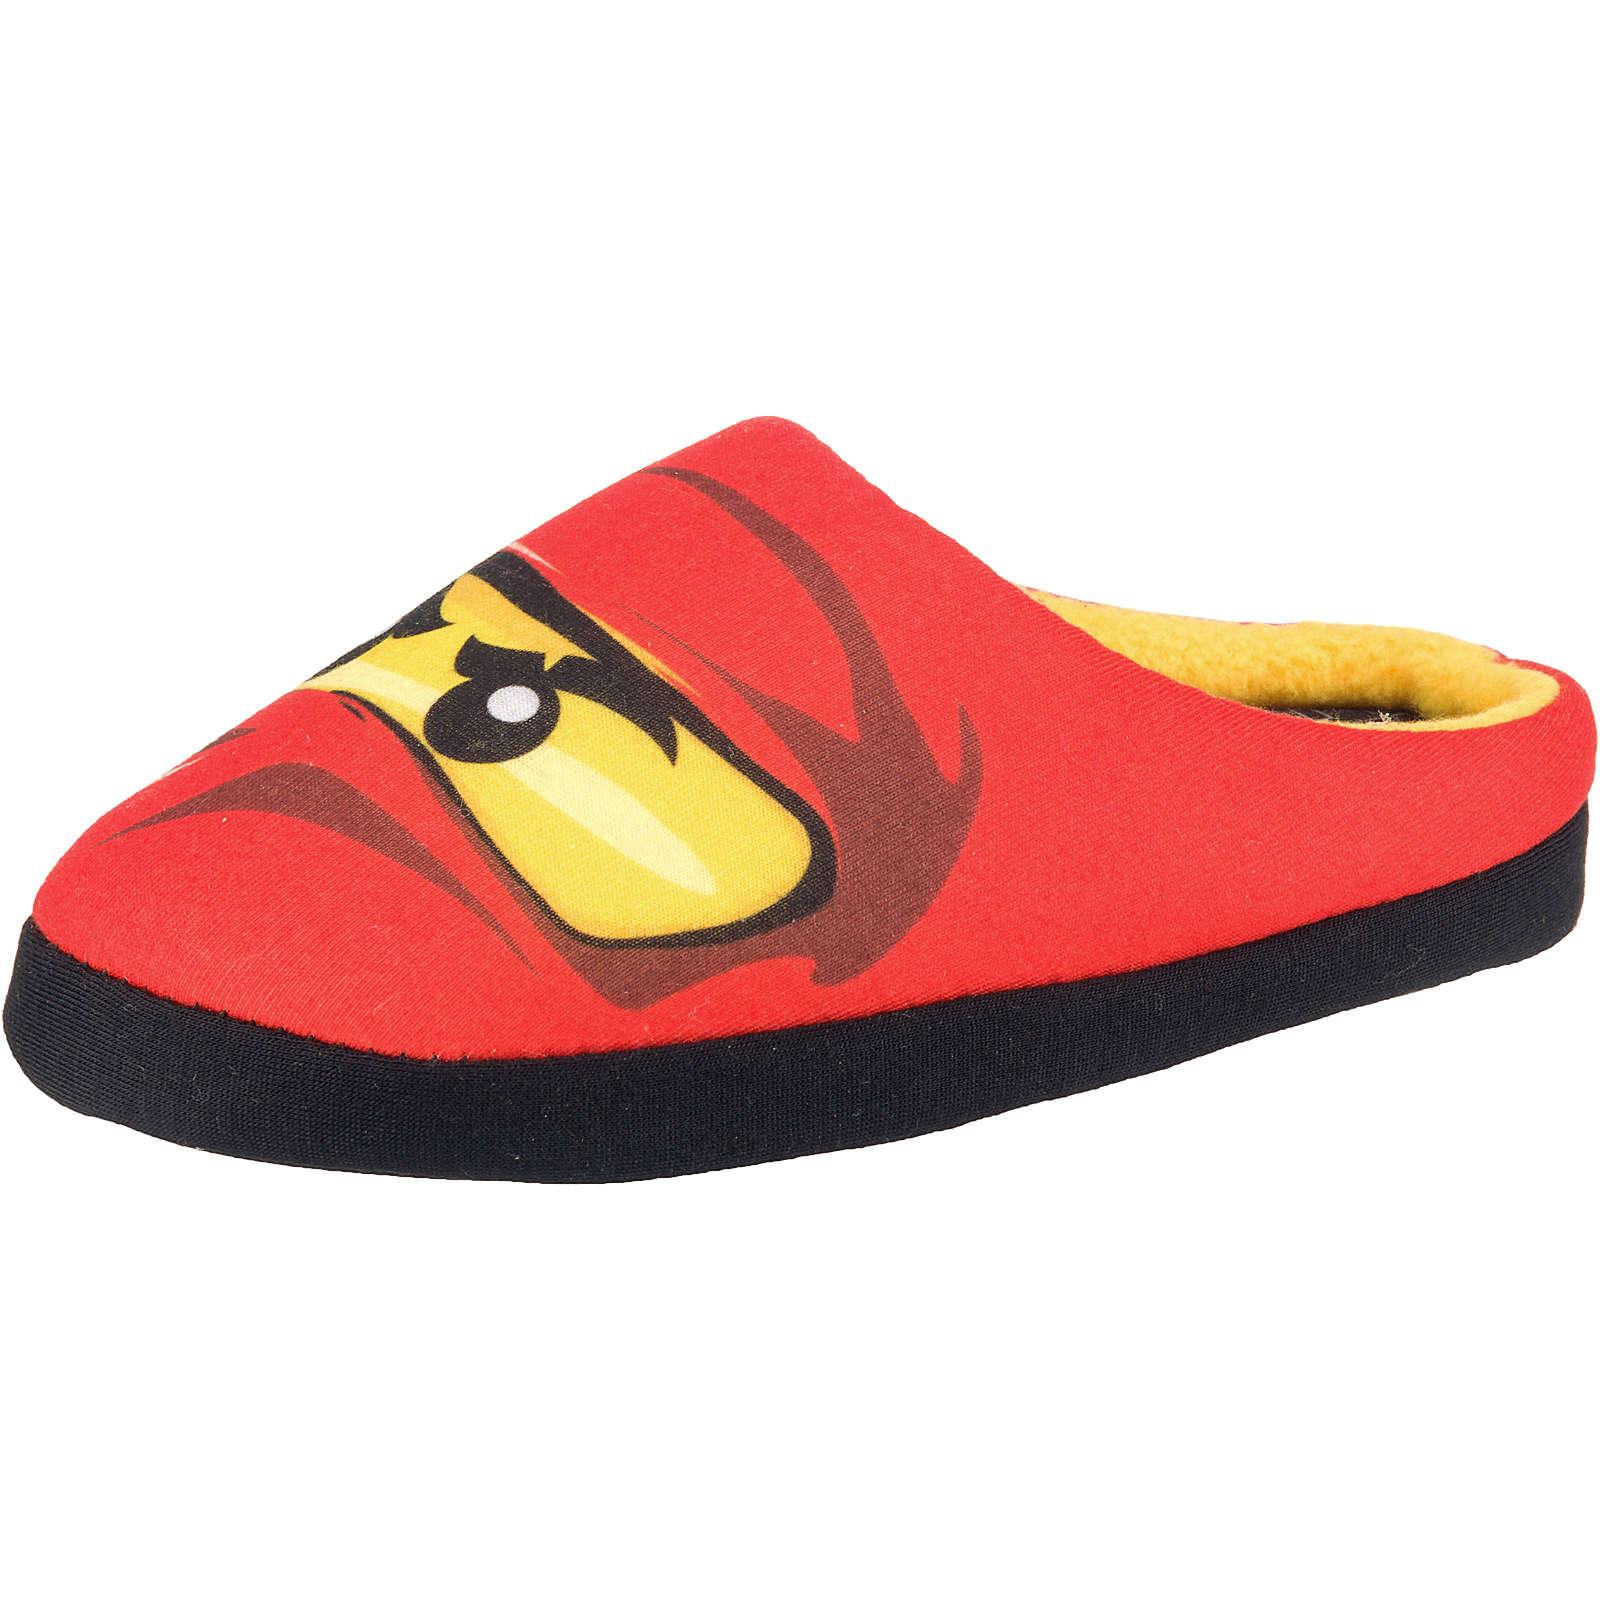 LEGO Ninjago Hausschuhe für Jungen rot Junge Gr. 26/27